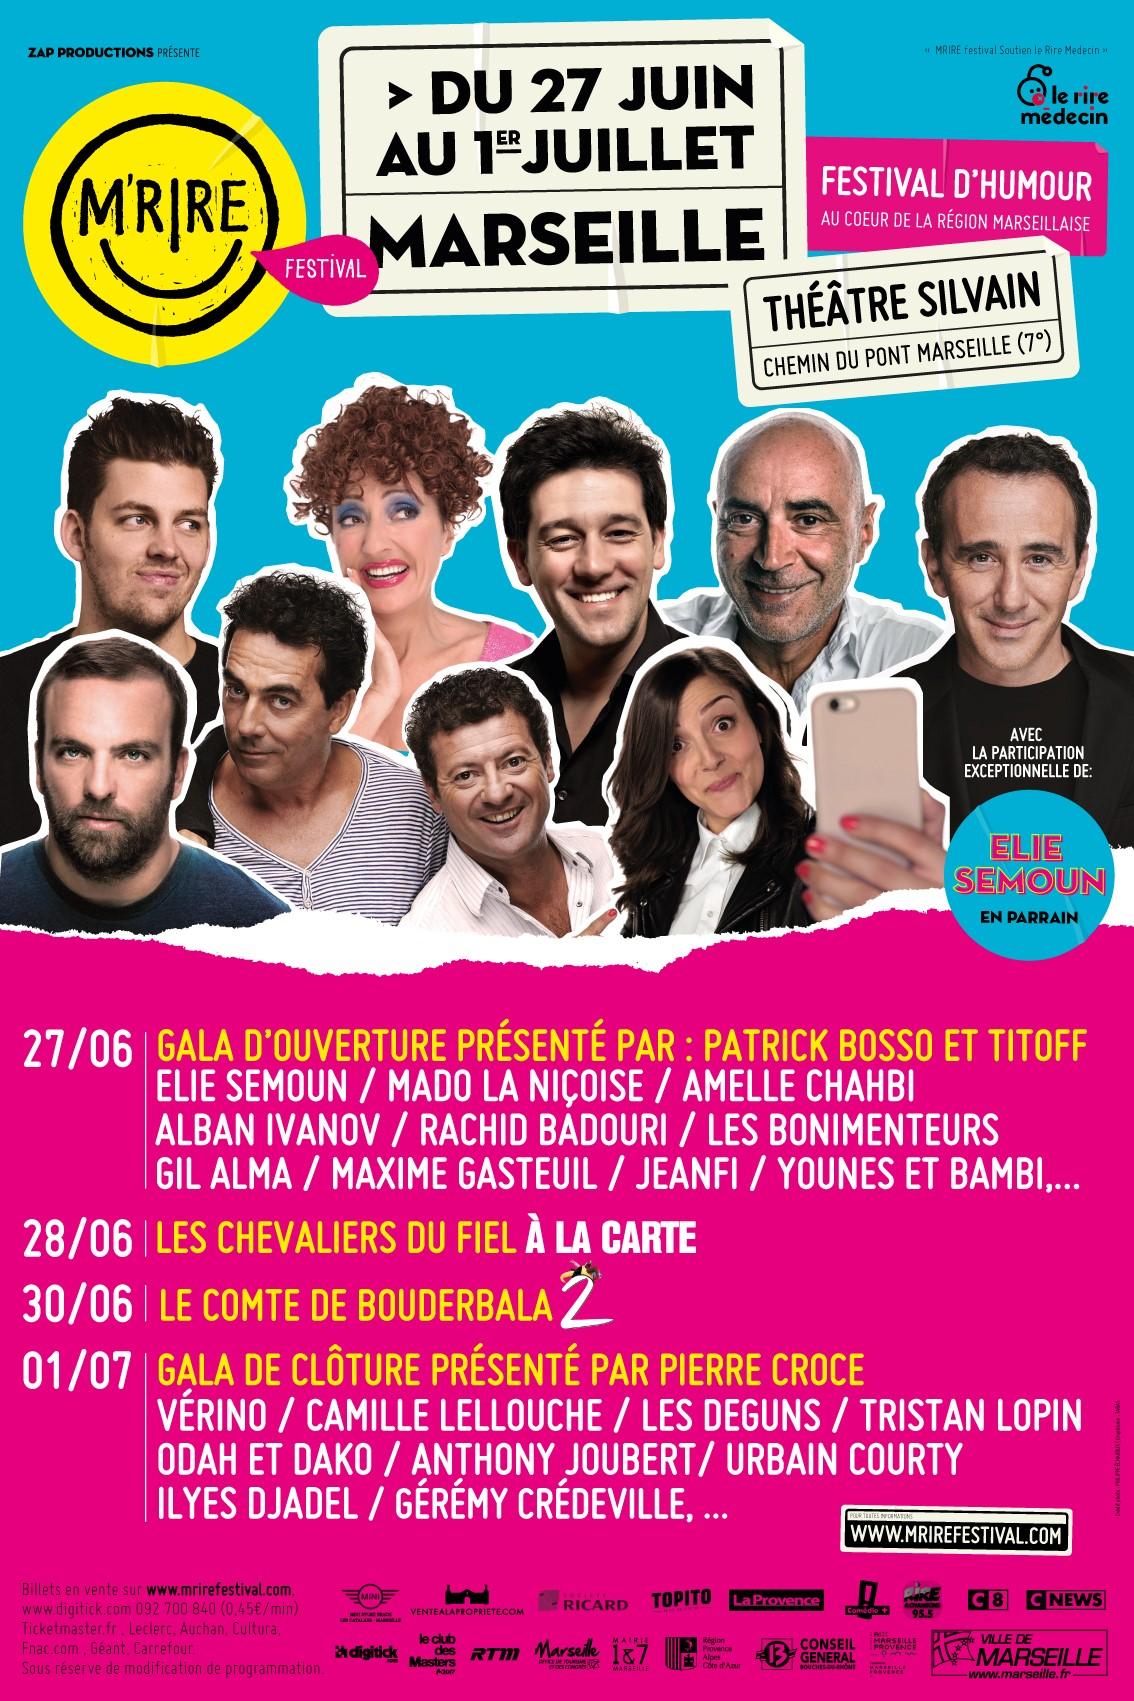 M'Rire Festival humour marseille